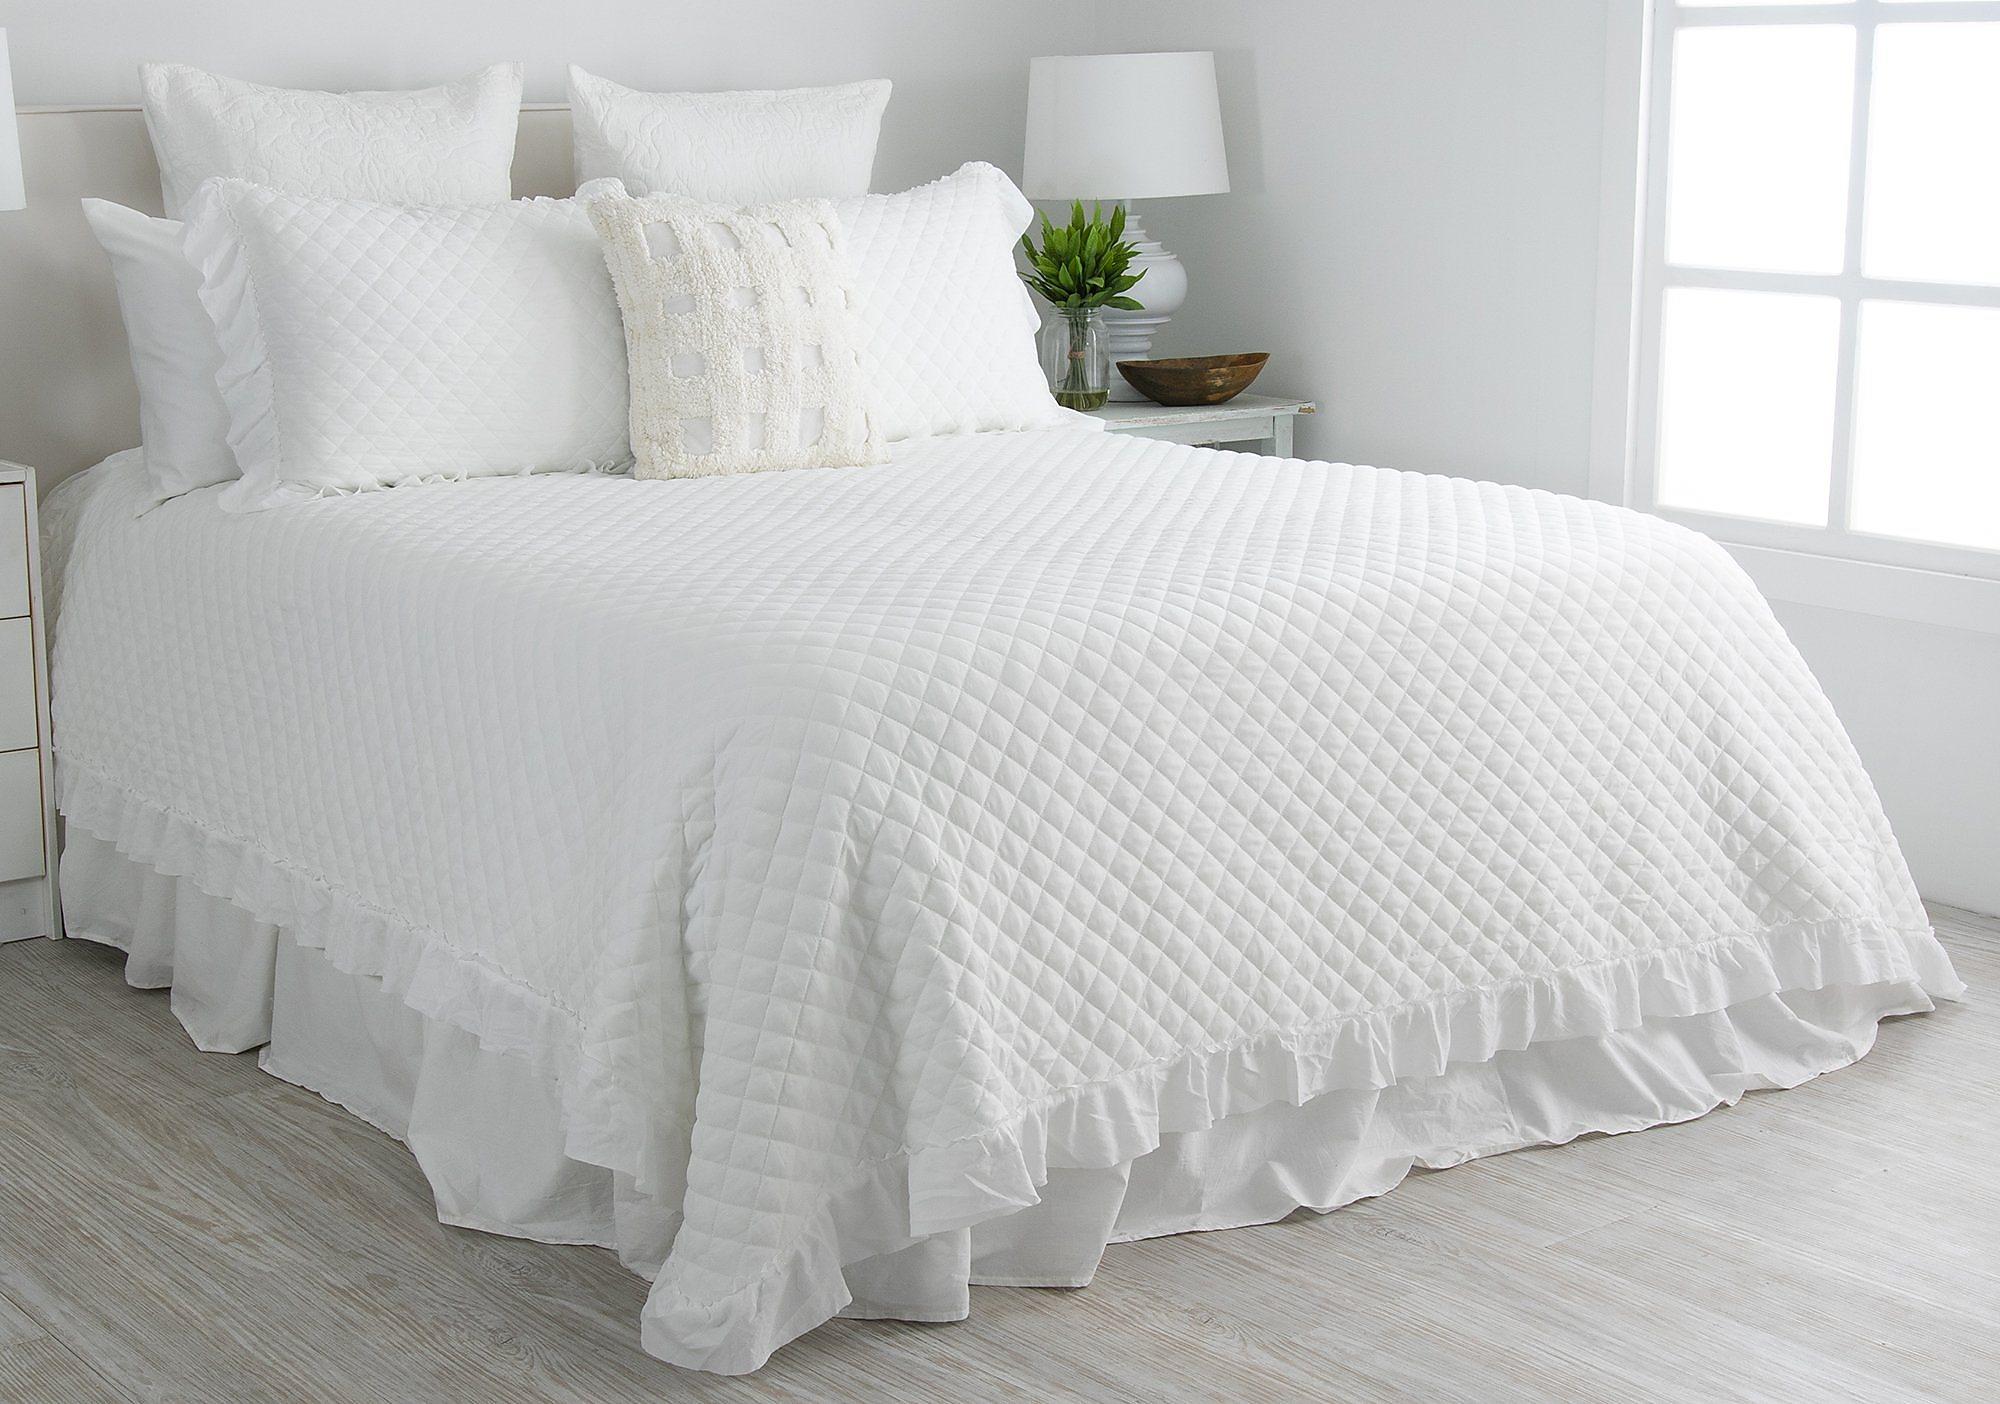 Elise Amp James Home Calab Ultra Soft Quilt Set Ebay